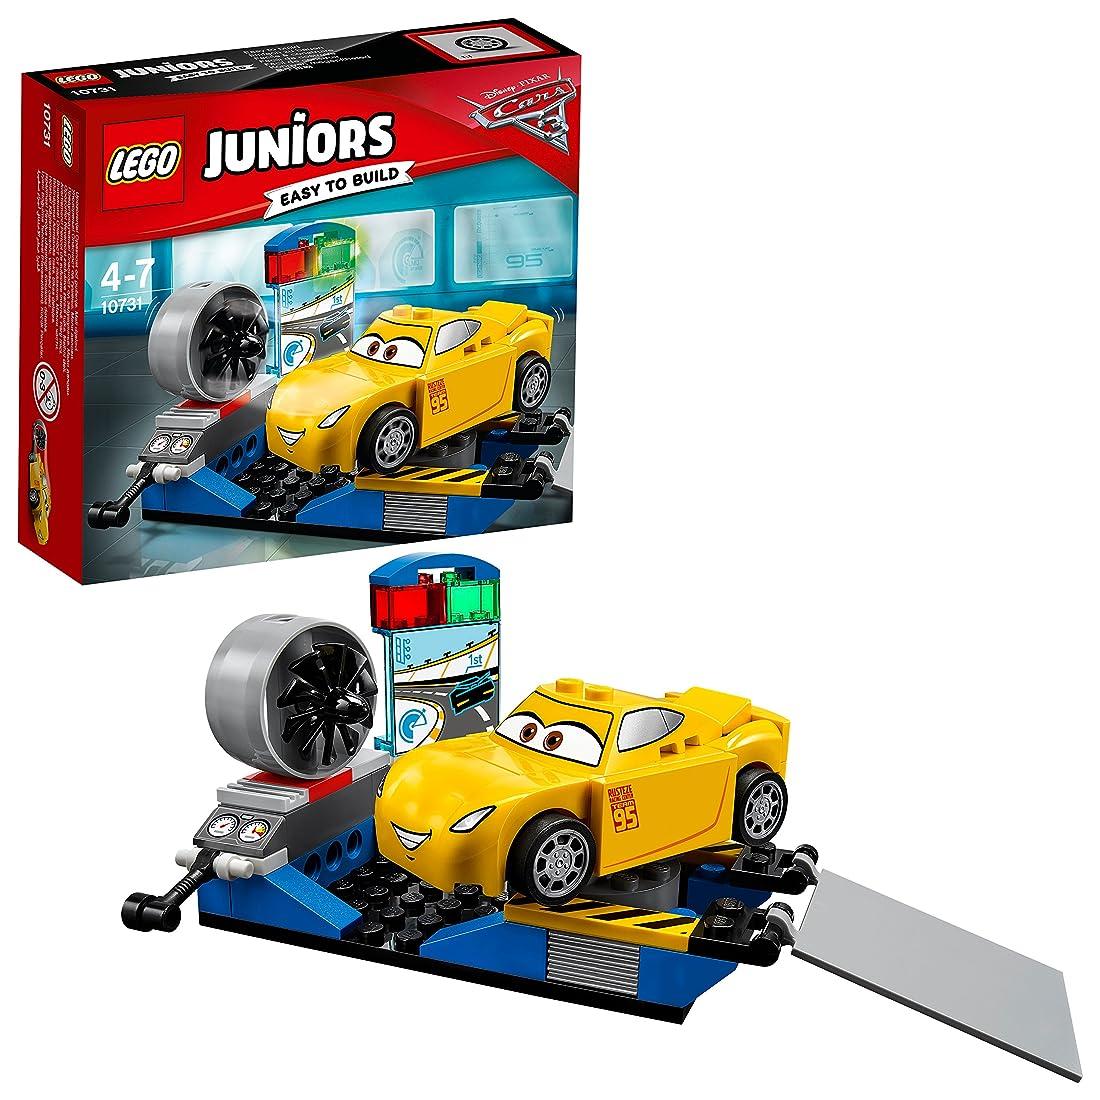 アナニバー民間人いとこレゴ (LEGO) ジュニア ディズニー カーズ クルーズ?ラミレスのレースシミュレーター 10731